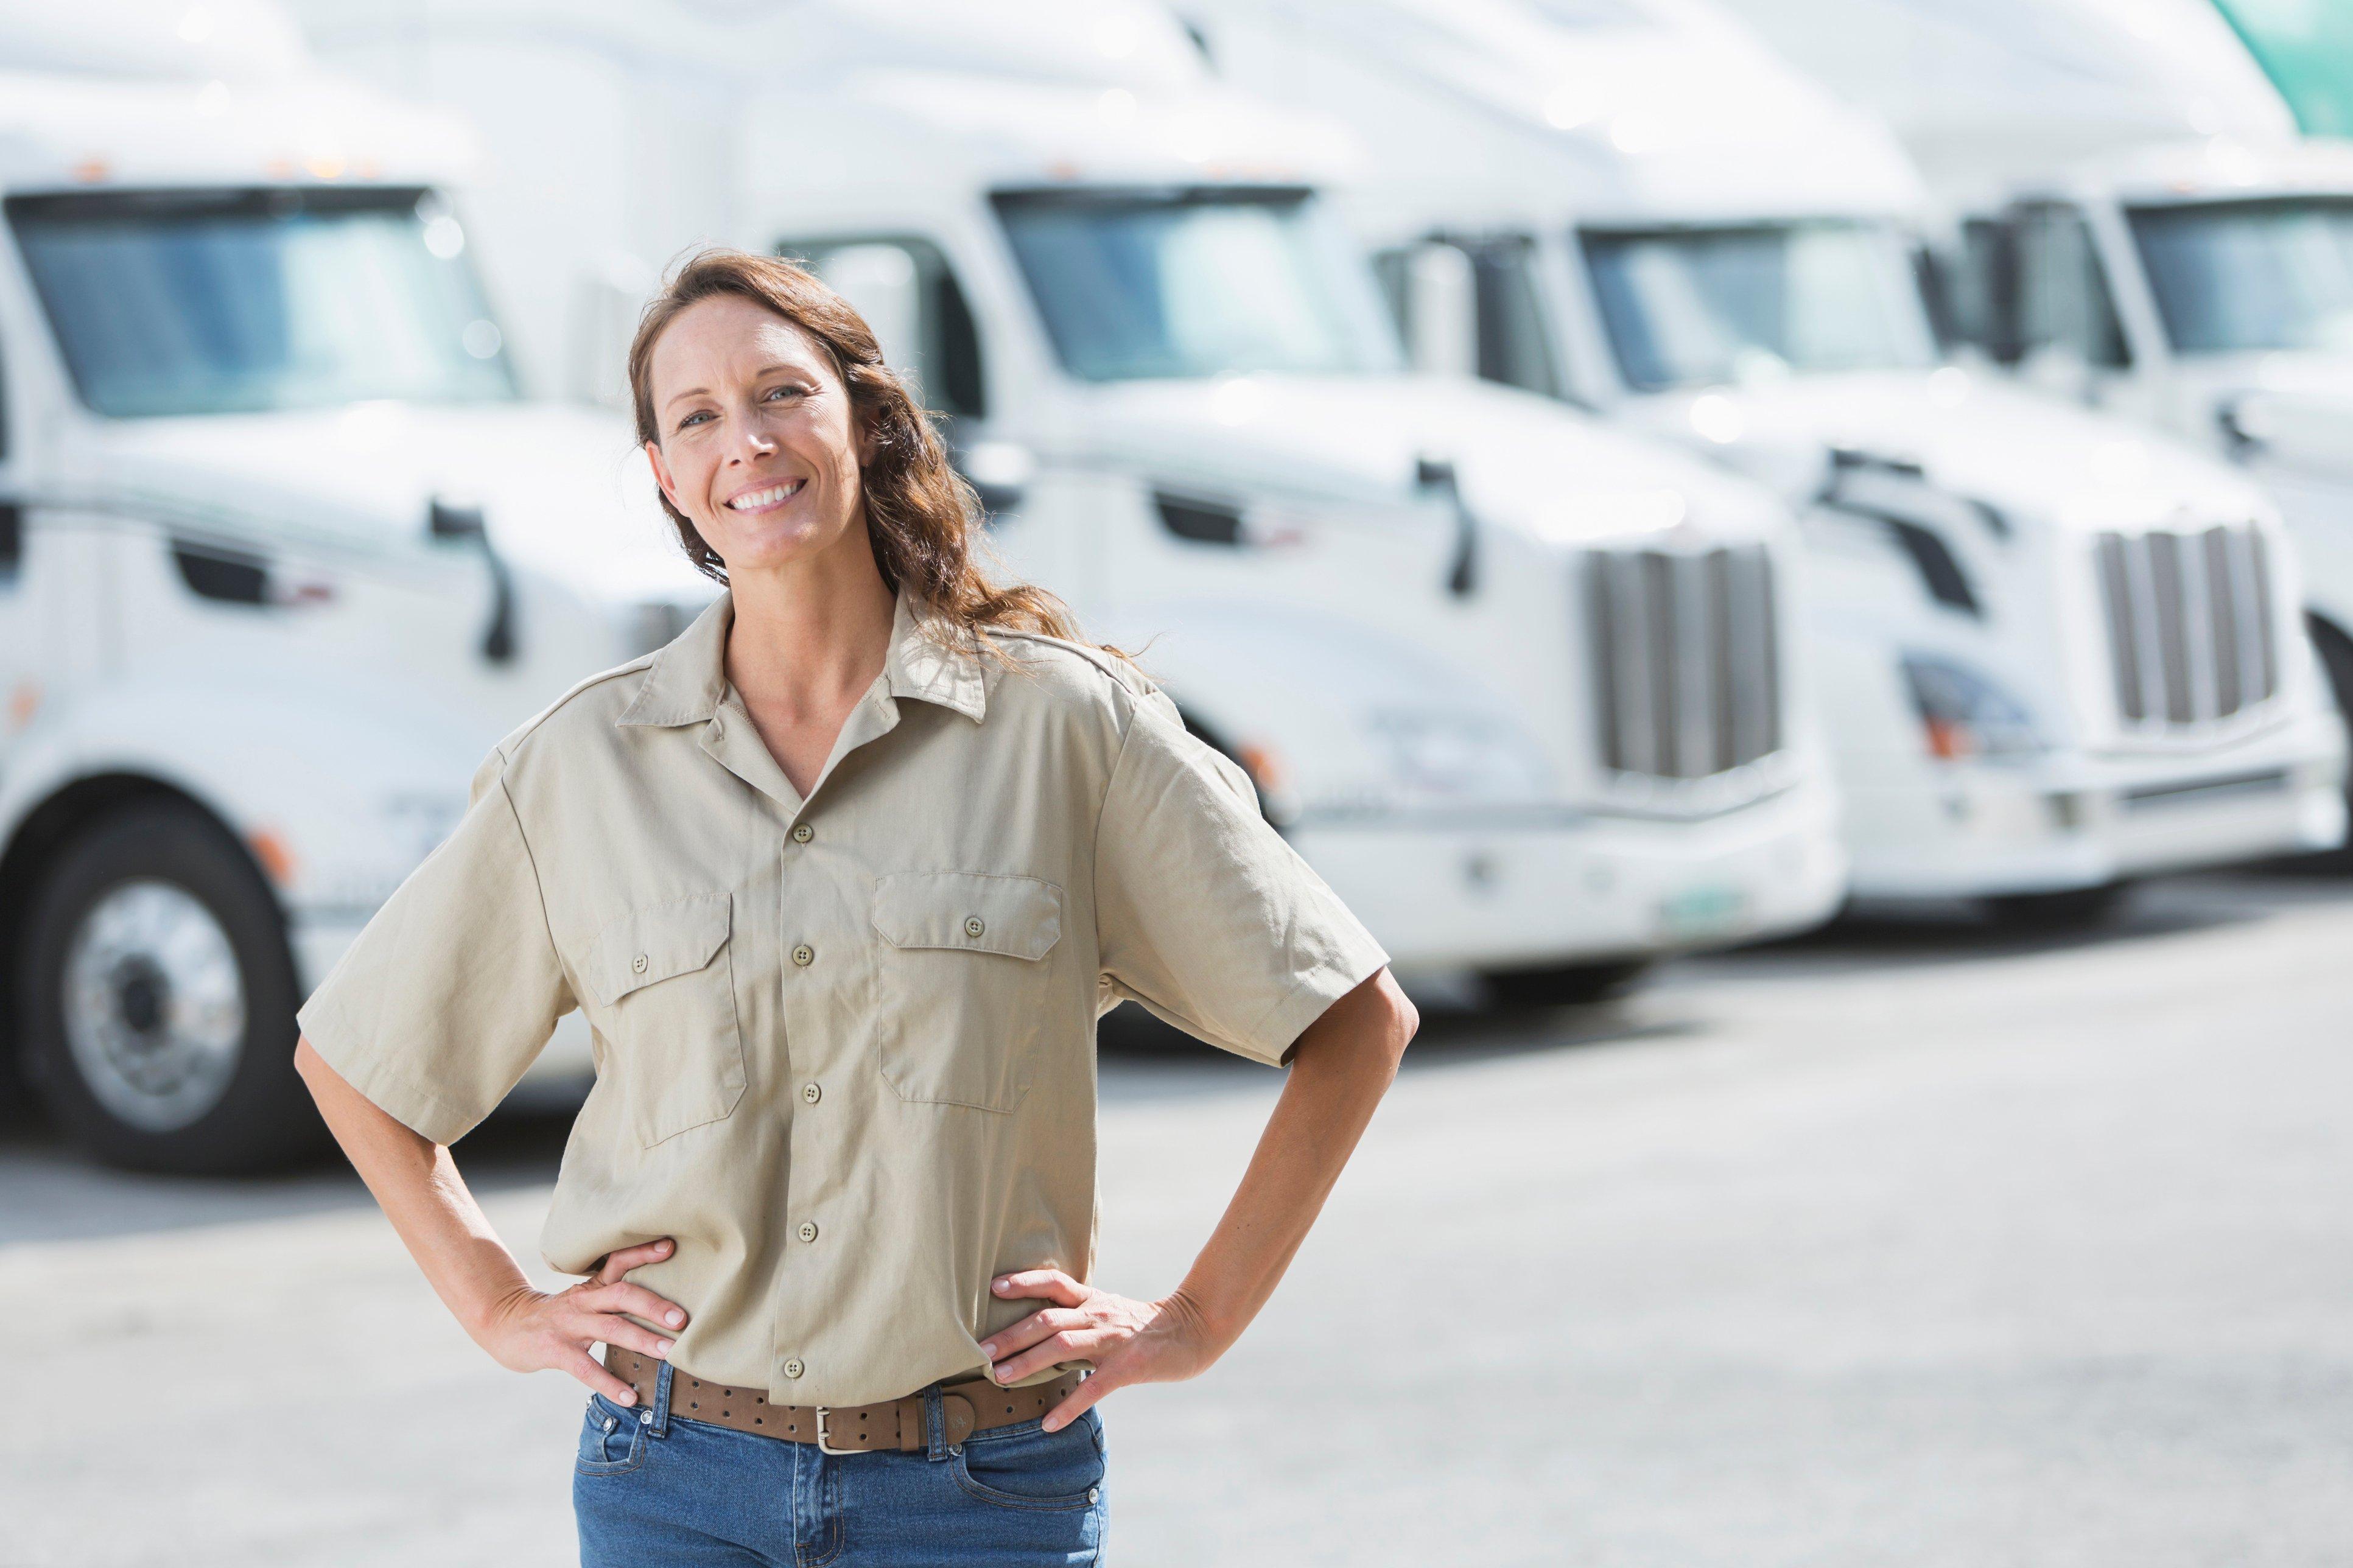 woman-trucks-856730558